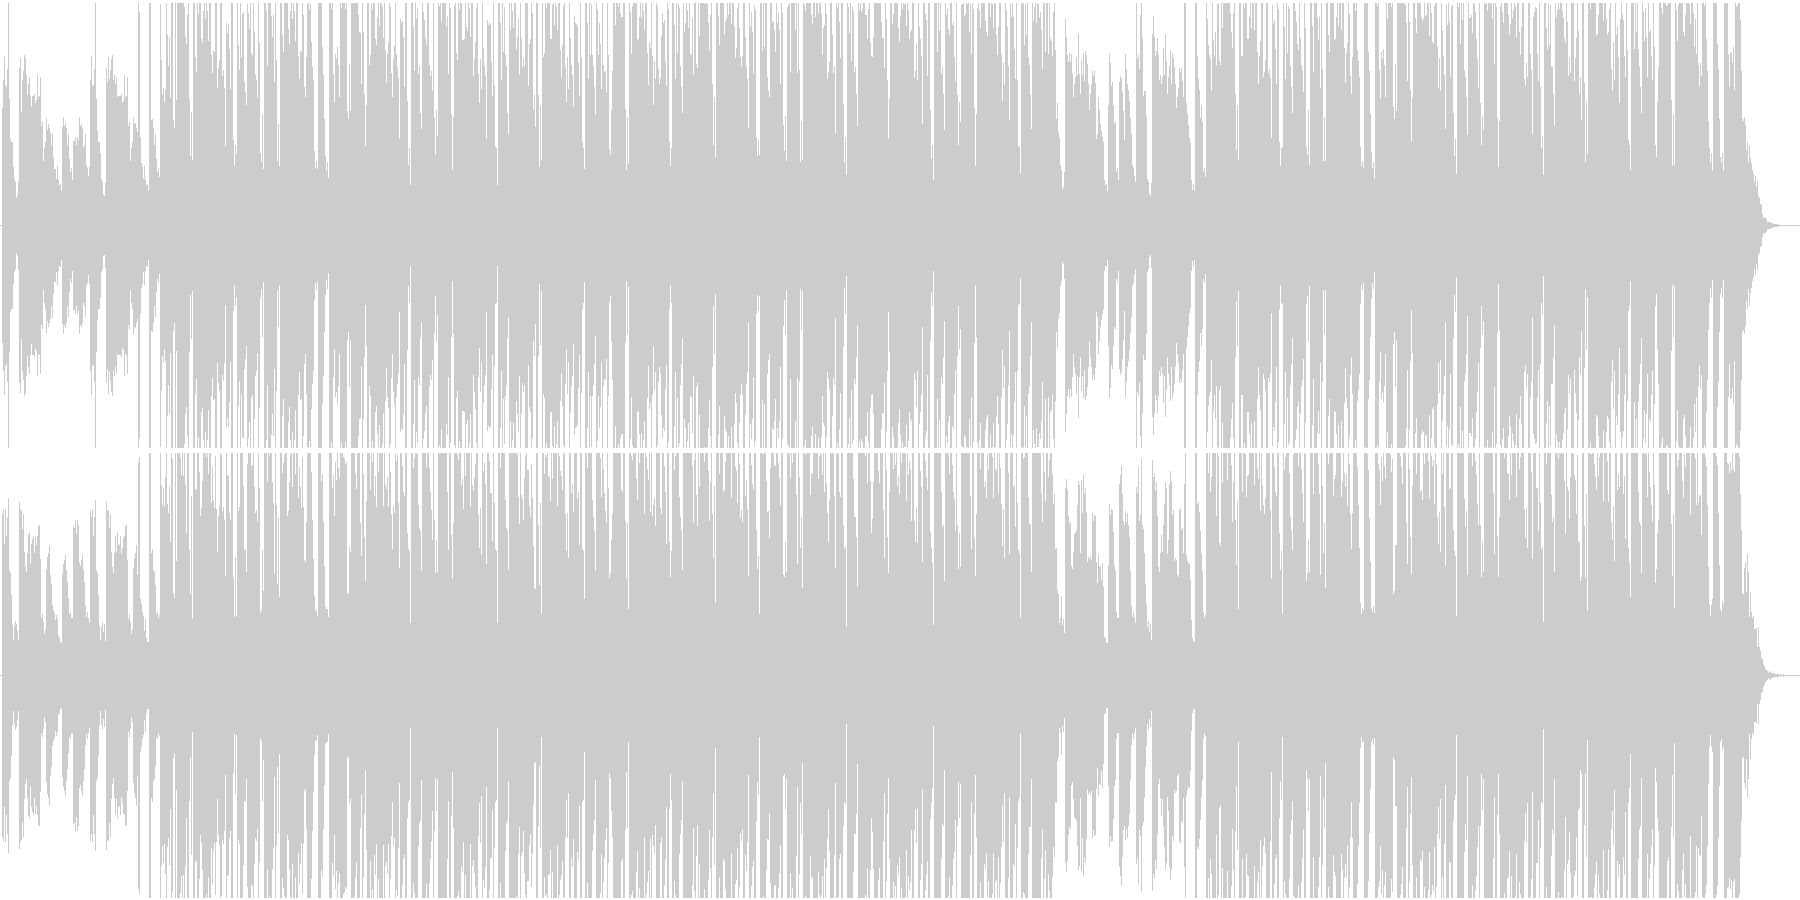 エモーショナルHIPHOPタイムラプスの未再生の波形